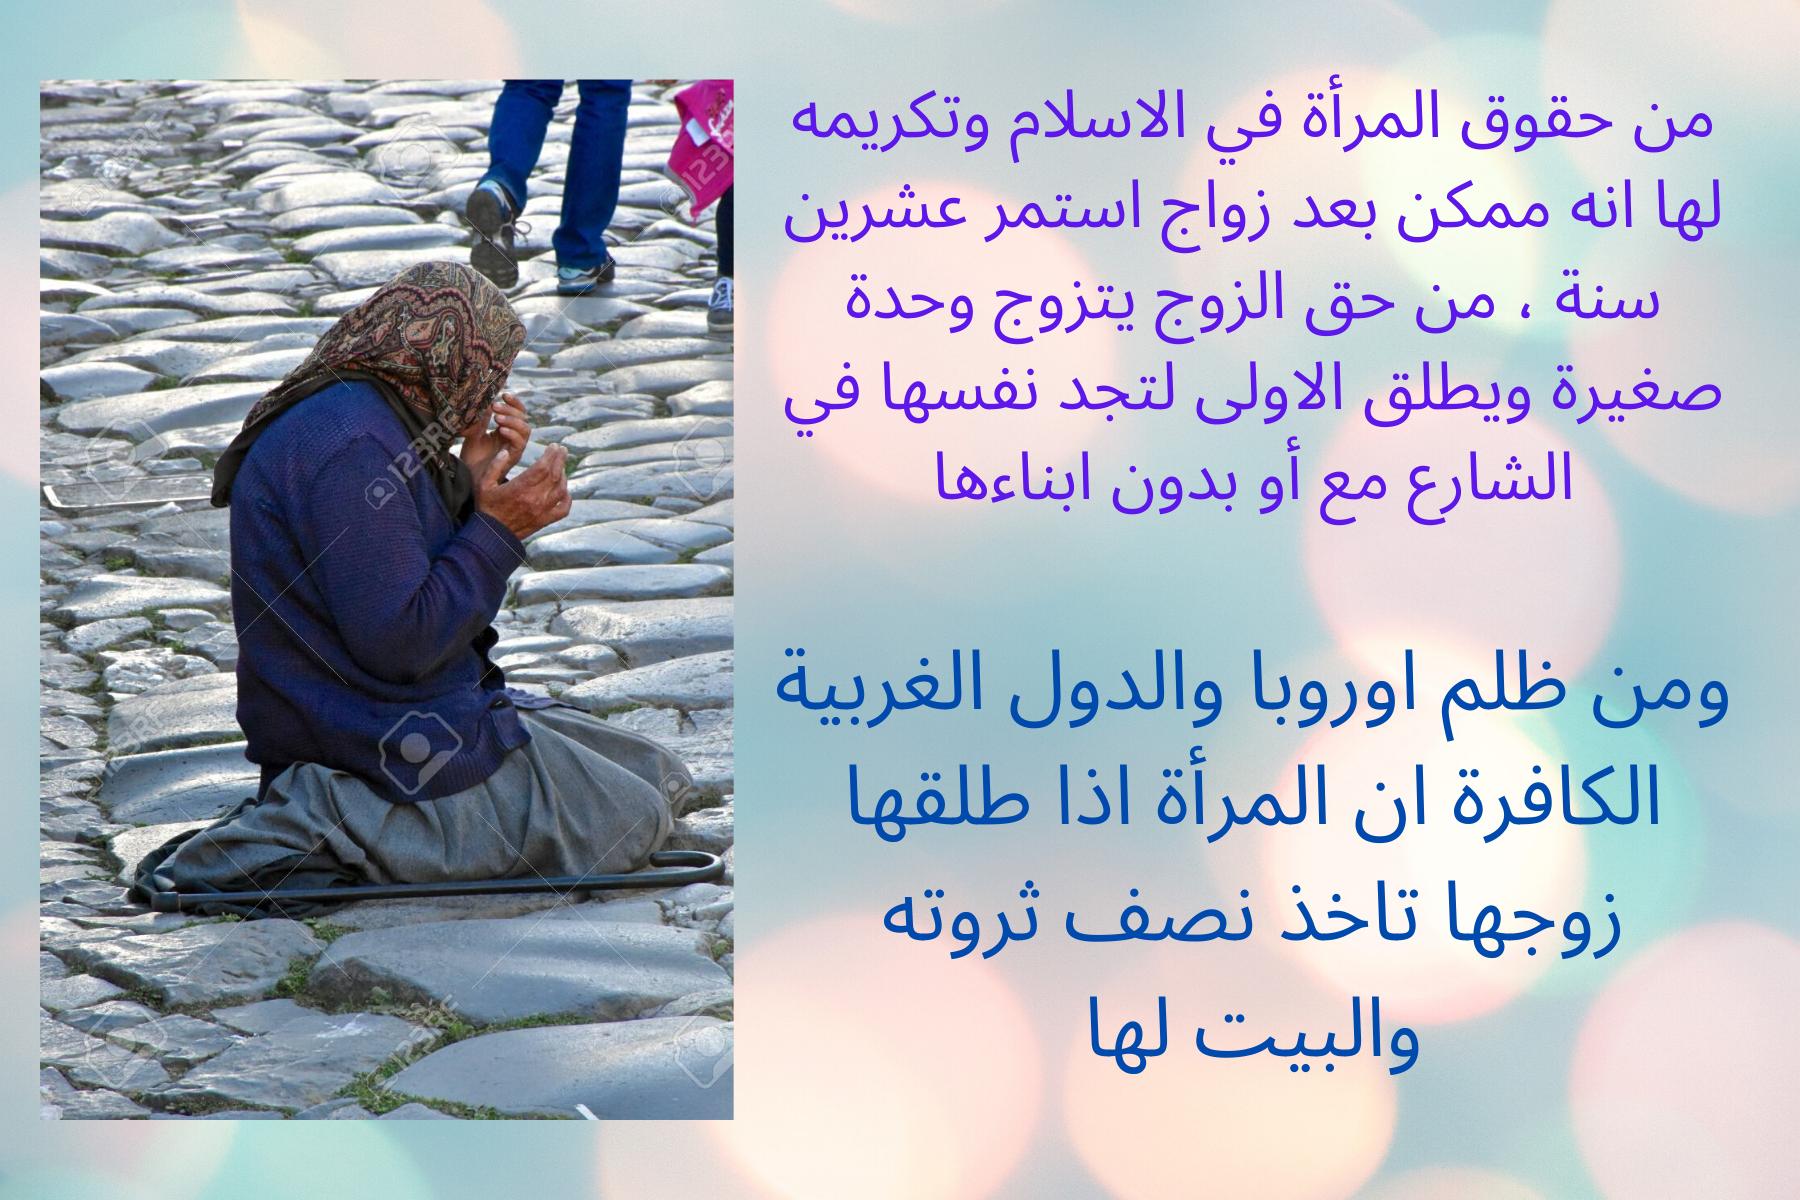 من حقوق المراة في الاسلام ونكريه لها Facebook Sign Up Facebook Sign Prevention